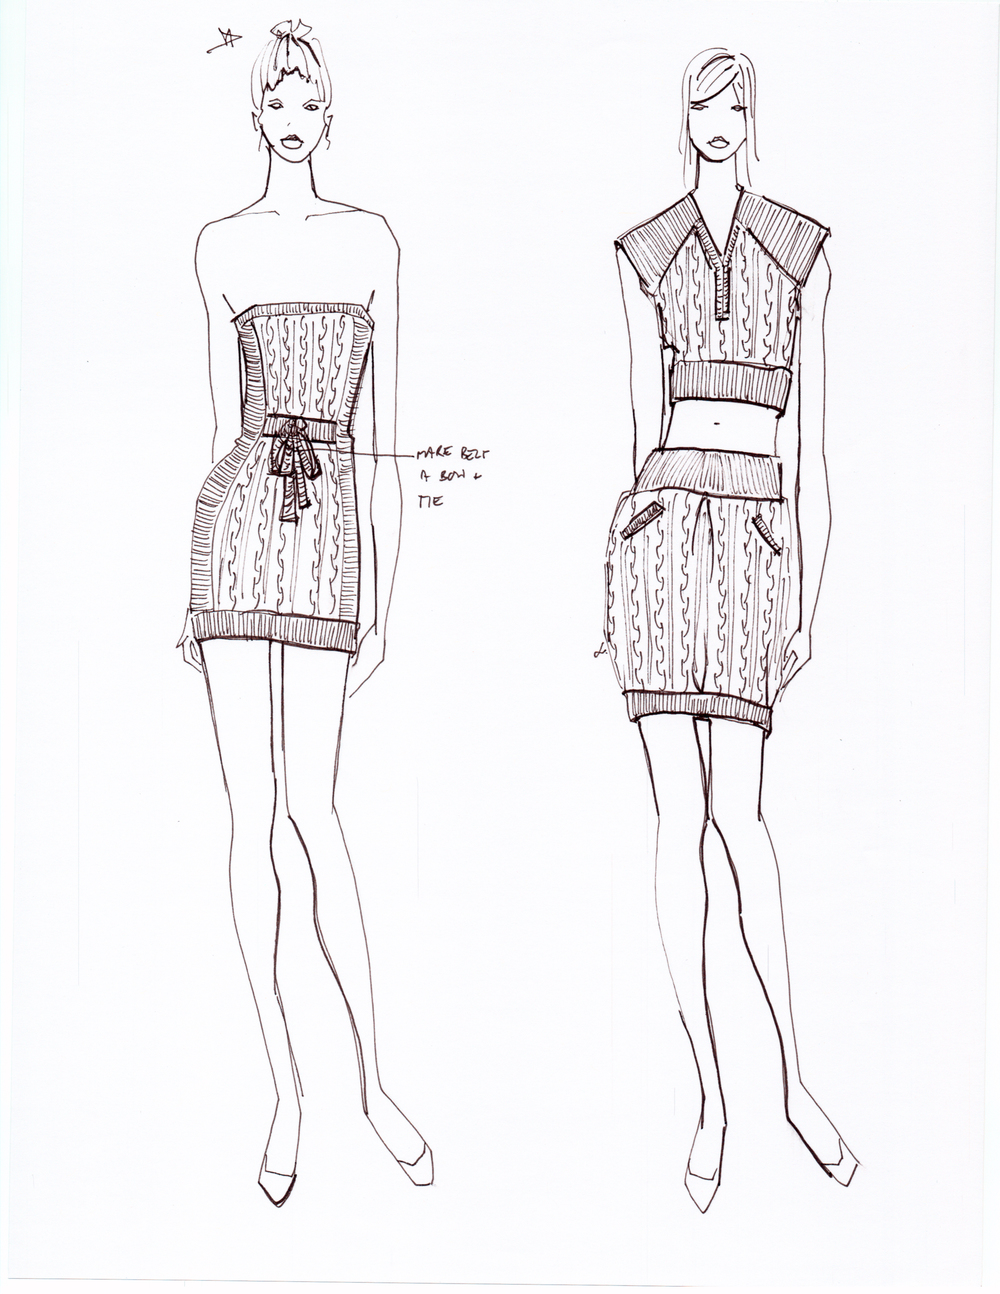 Knitwear Sketch 1.jpg